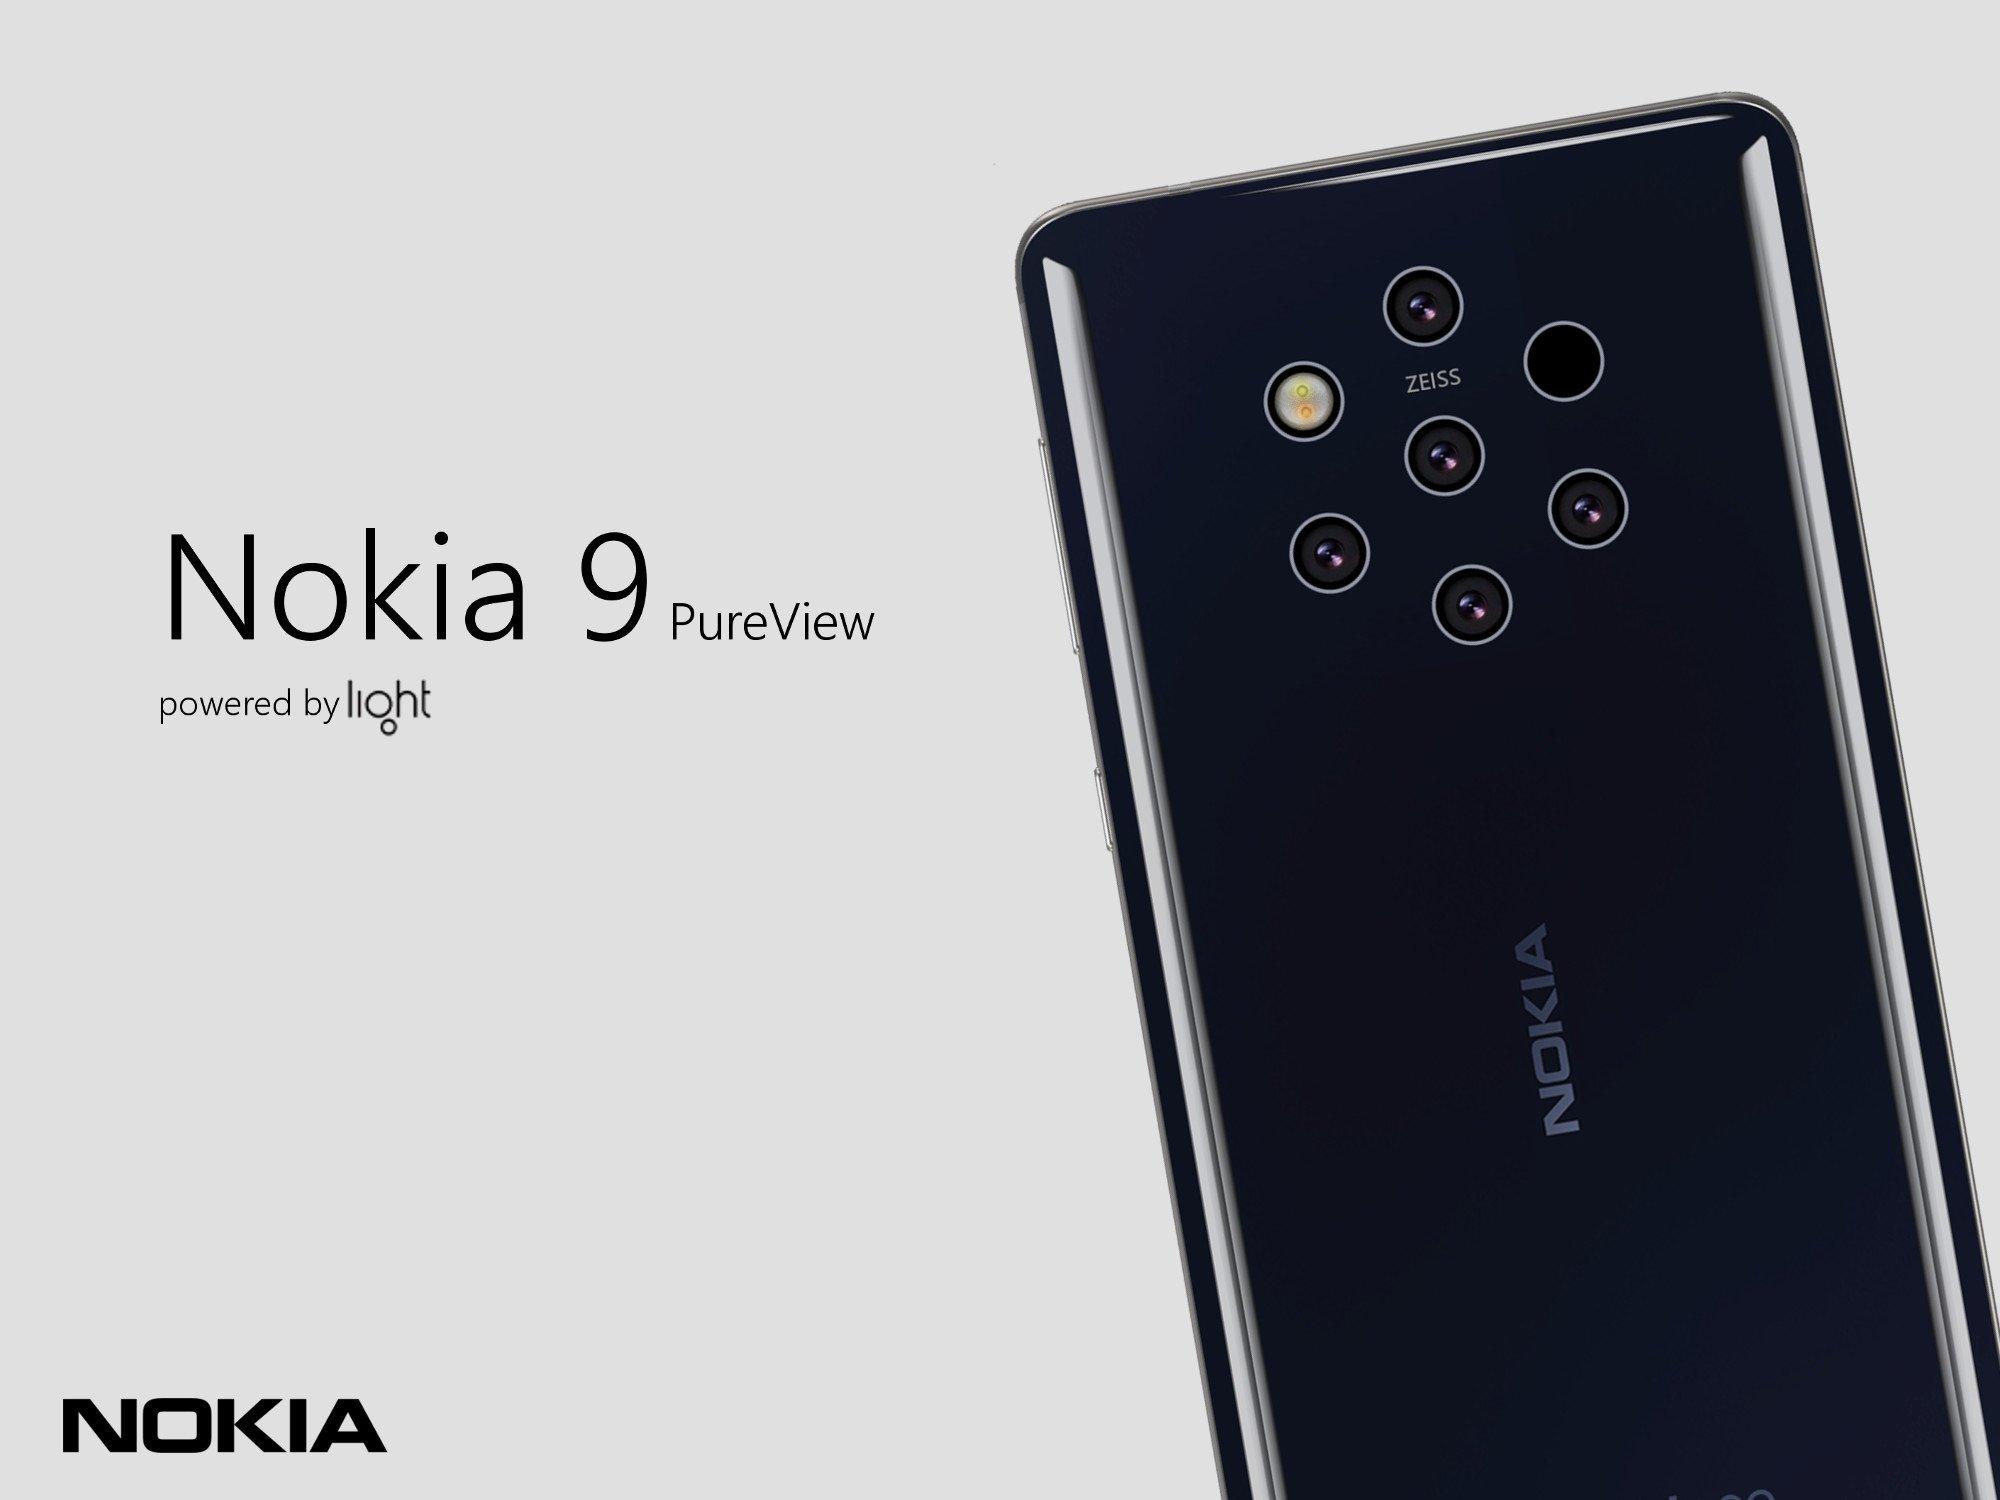 Nokia 9 PureView Full Details, Nokia 9 PureView Camera Test, Nokia 9 PureView Display Size, Nokia 9 PureView Price, Nokia 9 PureView Testing, Nokia 9 PureView Cam, Nokia 9 PureView